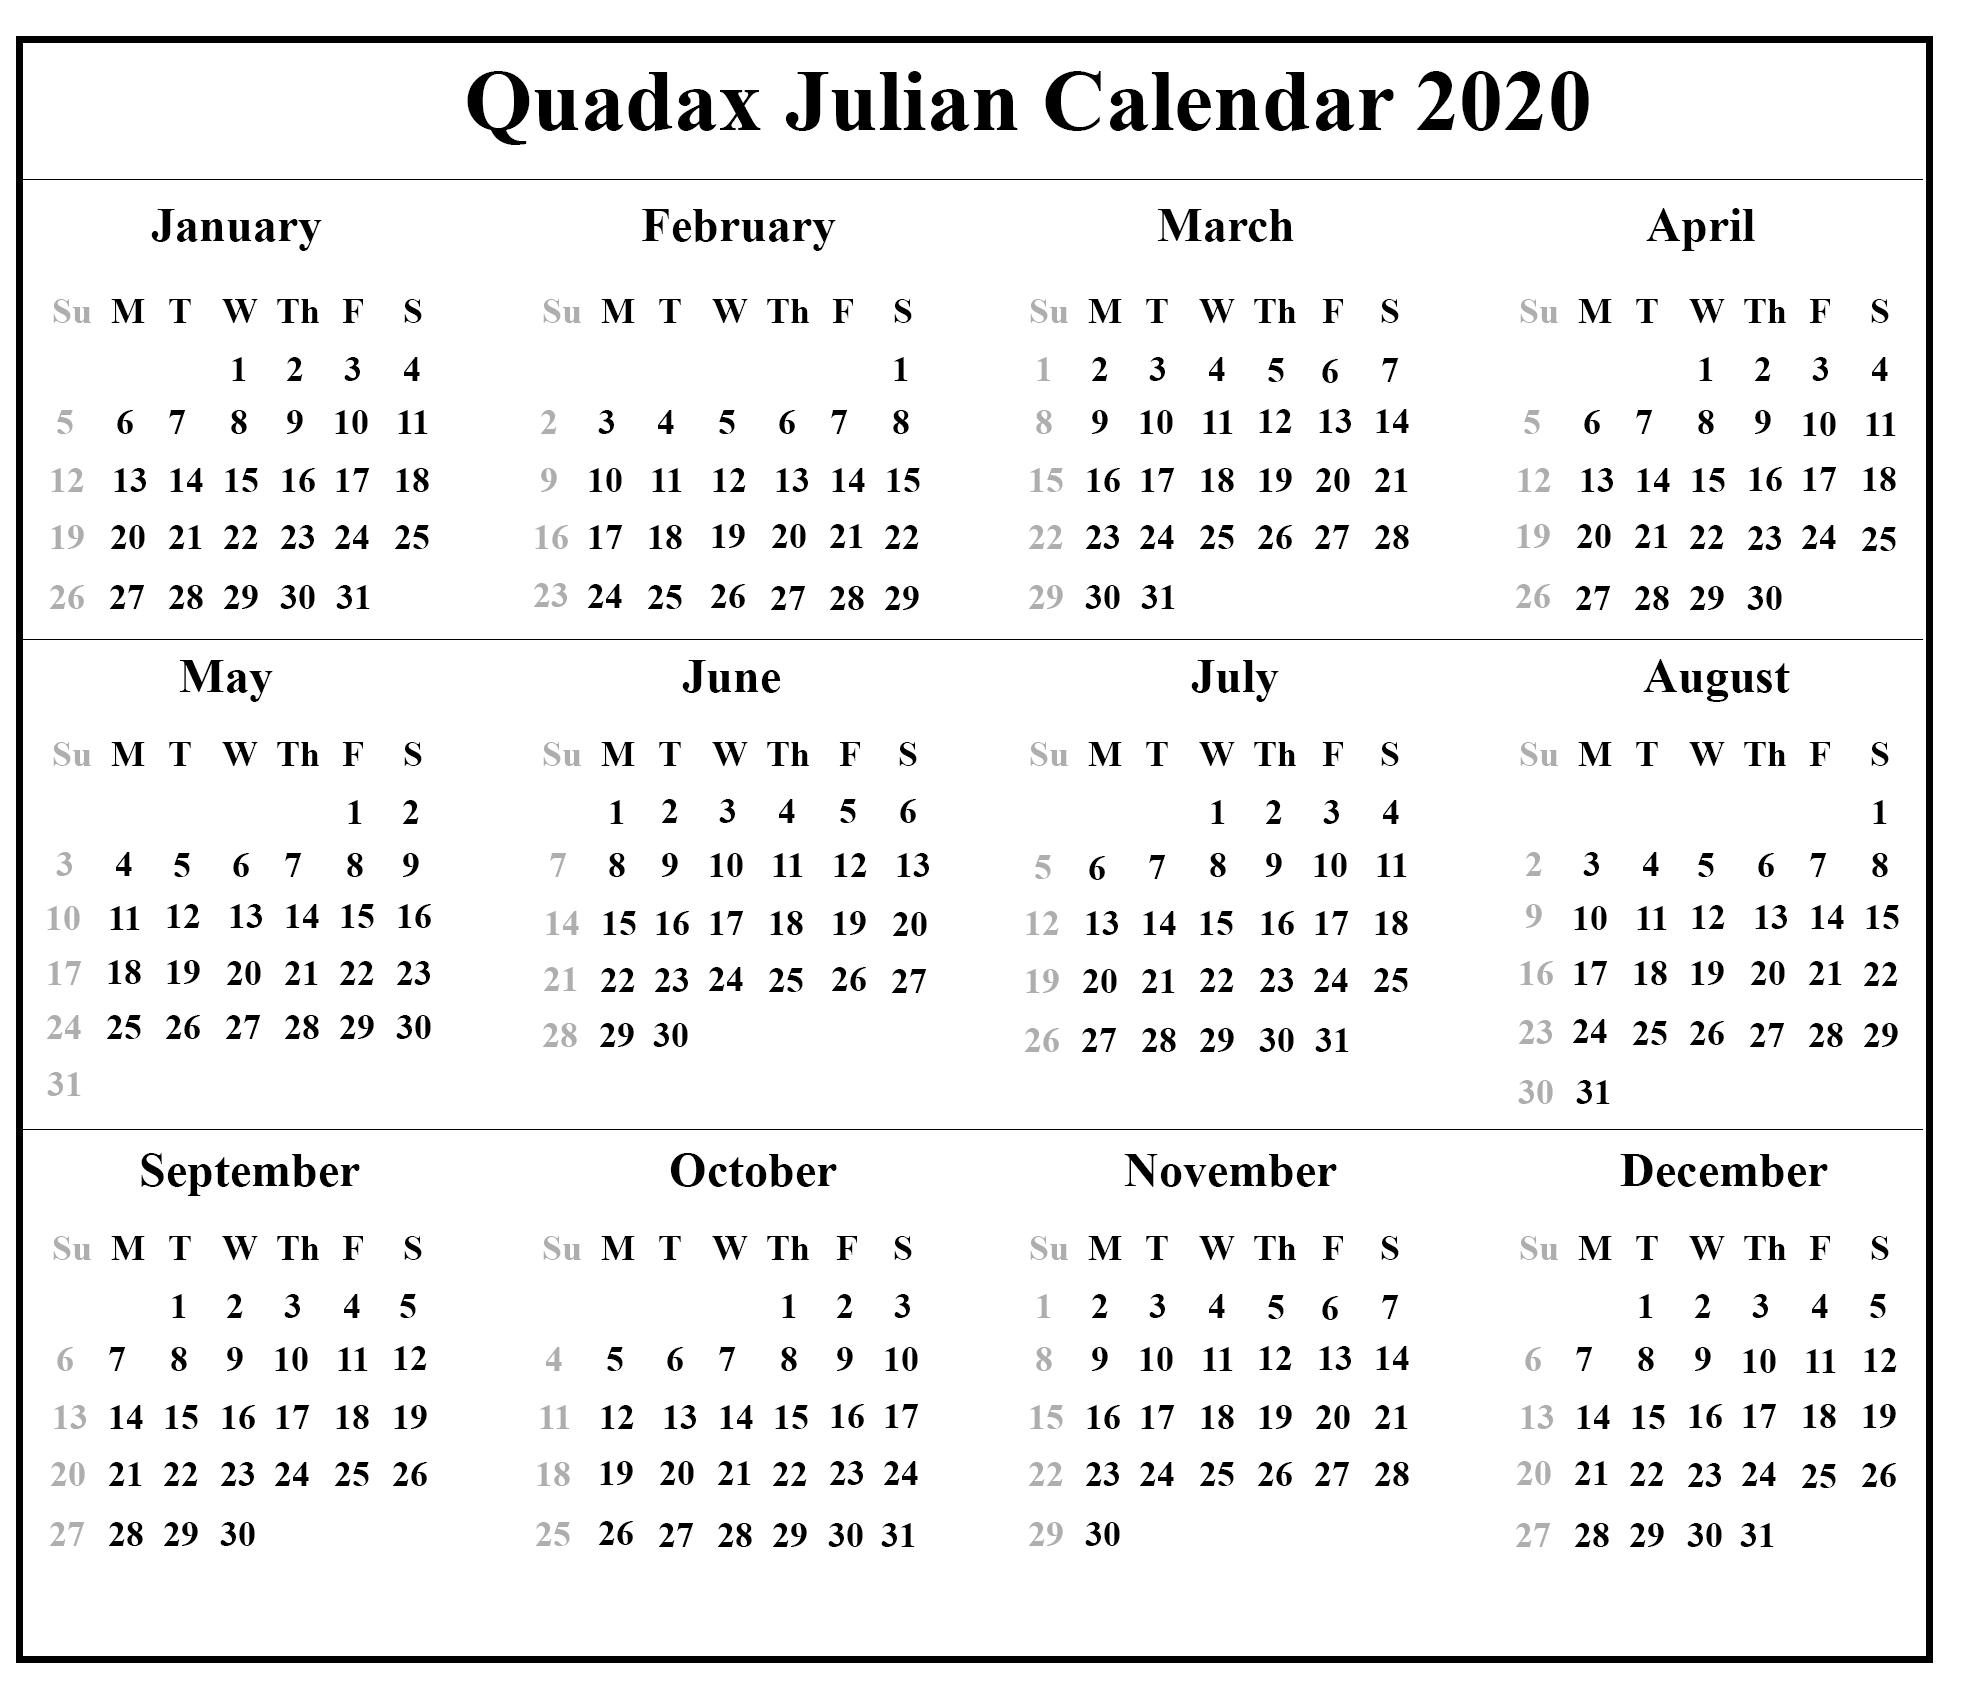 Quadax 2020 Julian Calendar | Calendar For Planning Quadax 2021 Julian Calendar